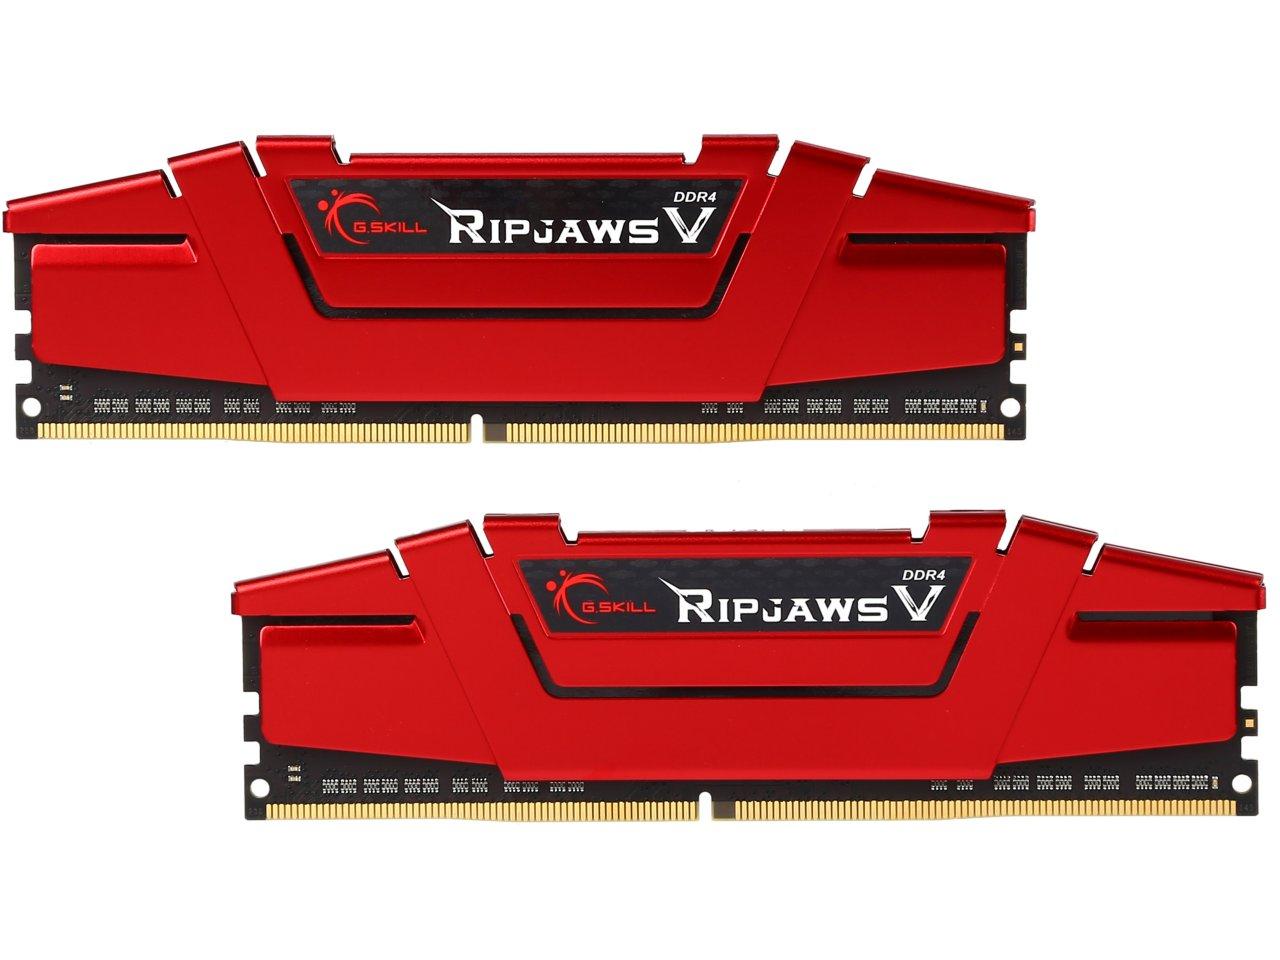 32GB (2x16GB) G.SKILL Ripjaws V Series DDR4 2133 Desktop Memory  $90 + Free S&H